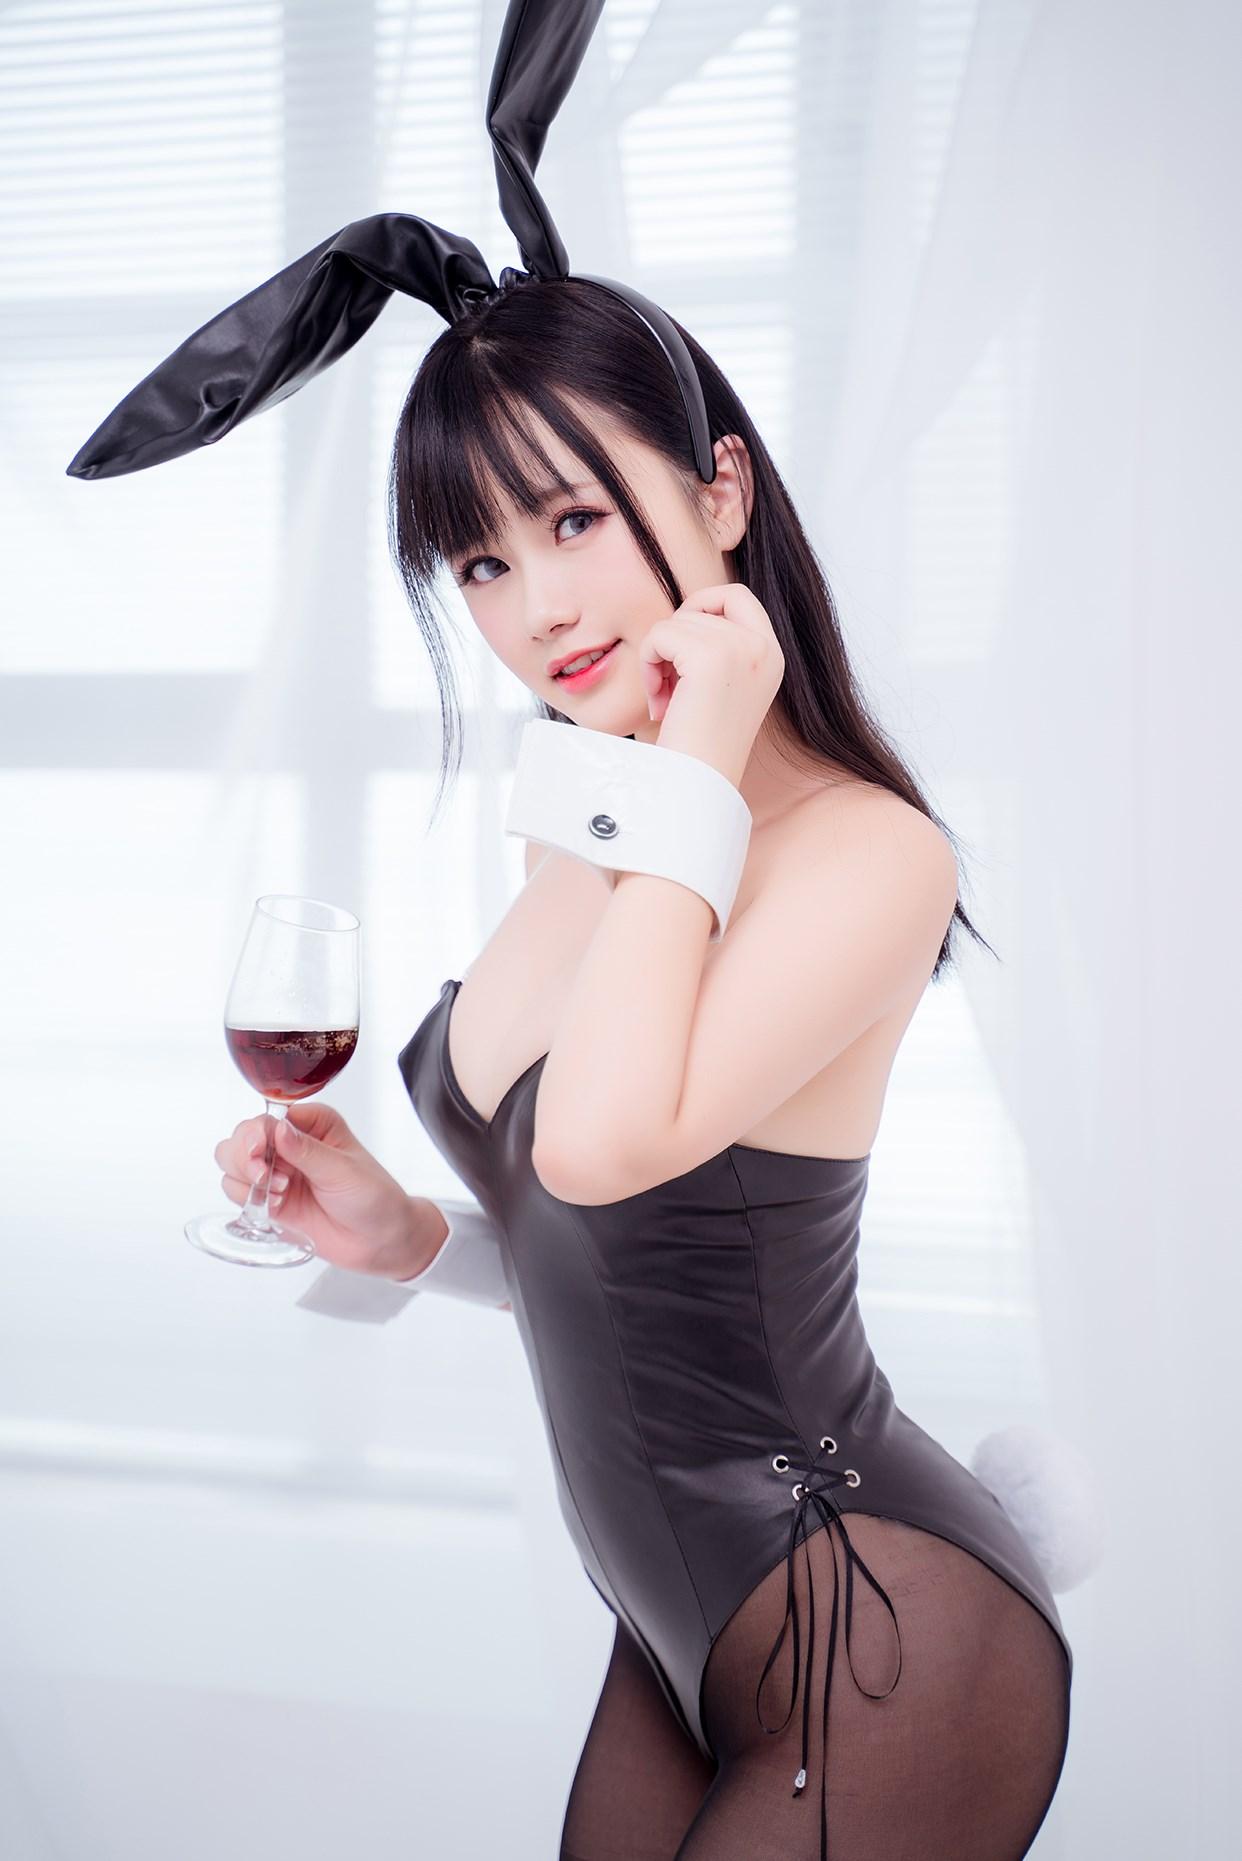 【兔玩映画】兔女郎vol.18-荼蘼 兔玩映画 第11张